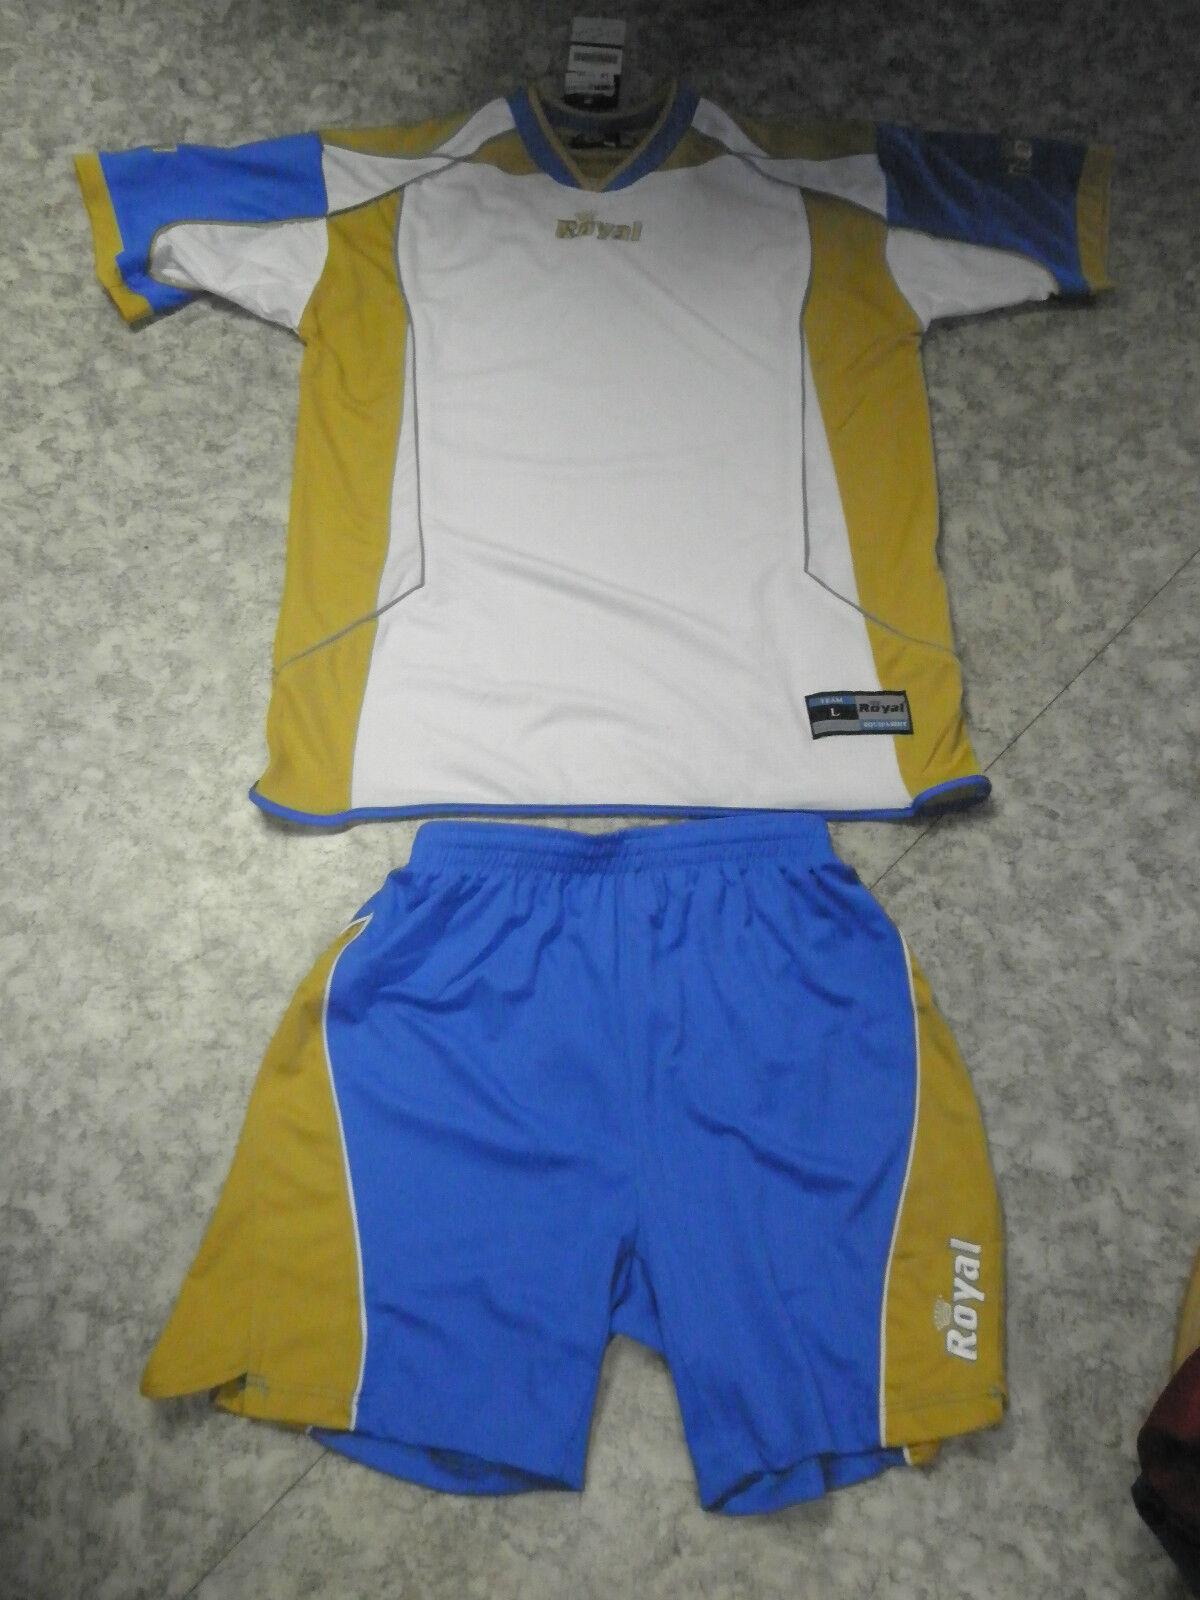 AKTION   14 Trikotsätze  ACTIVE  von  Royal Sport Trikot + Hose,weiß azur L,XL  | Haltbarkeit